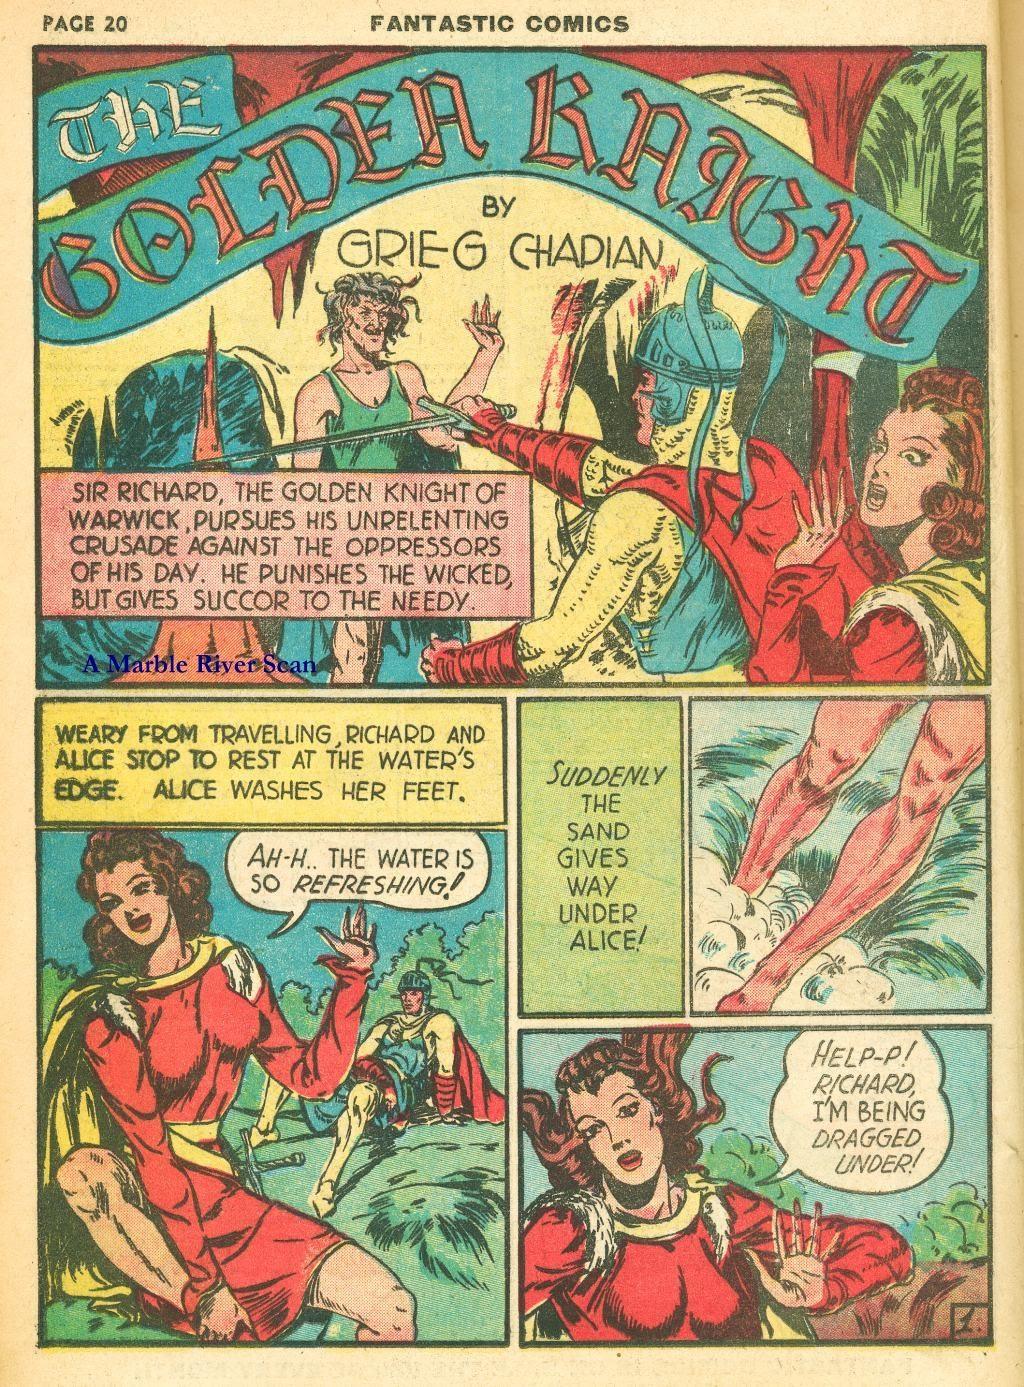 Read online Fantastic Comics comic -  Issue #12 - 22